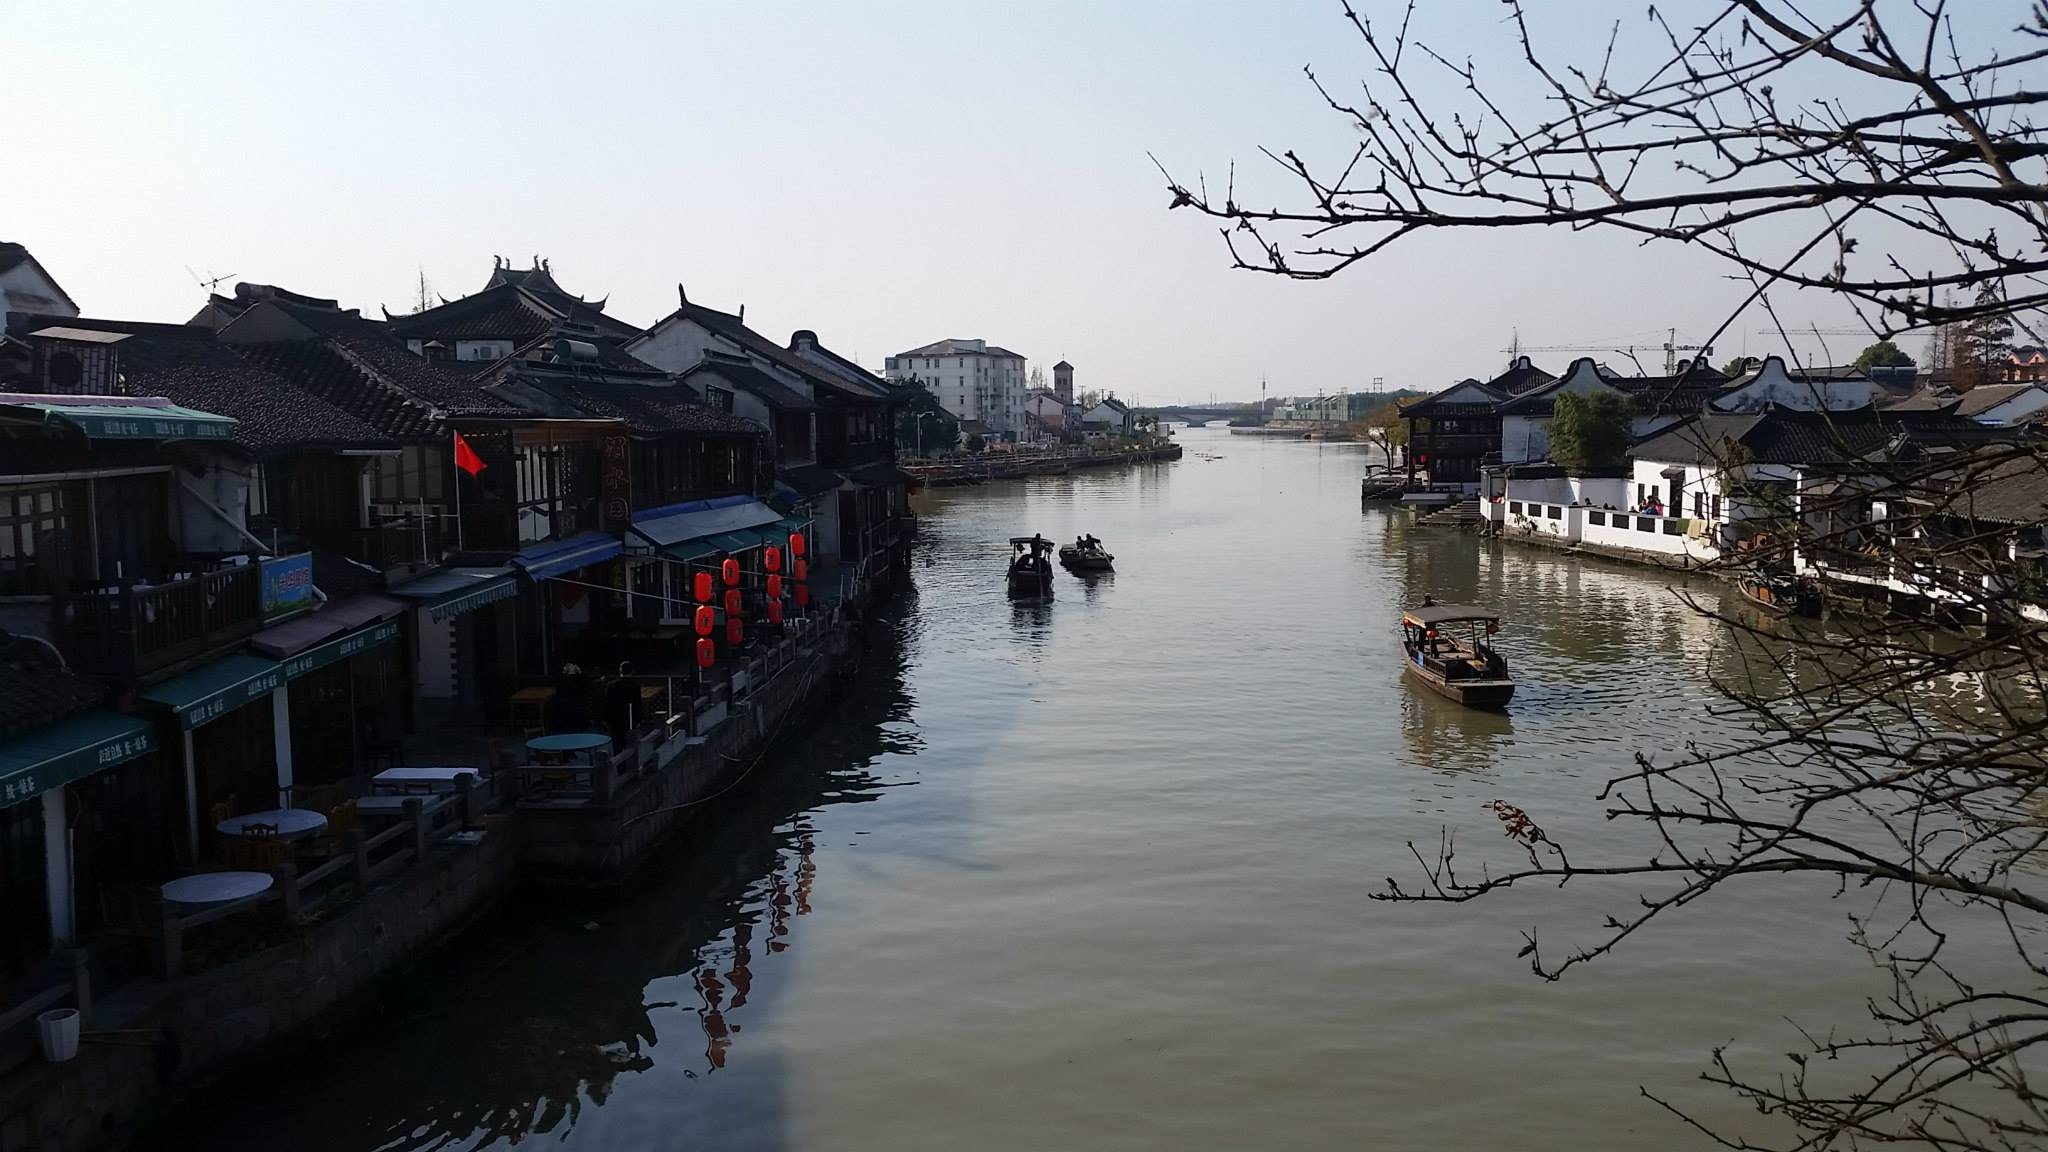 ตลาดน้ำจูเจียเจี่ยว 朱家角古镇 Zhujiajiao Ancient Town in Shanghai